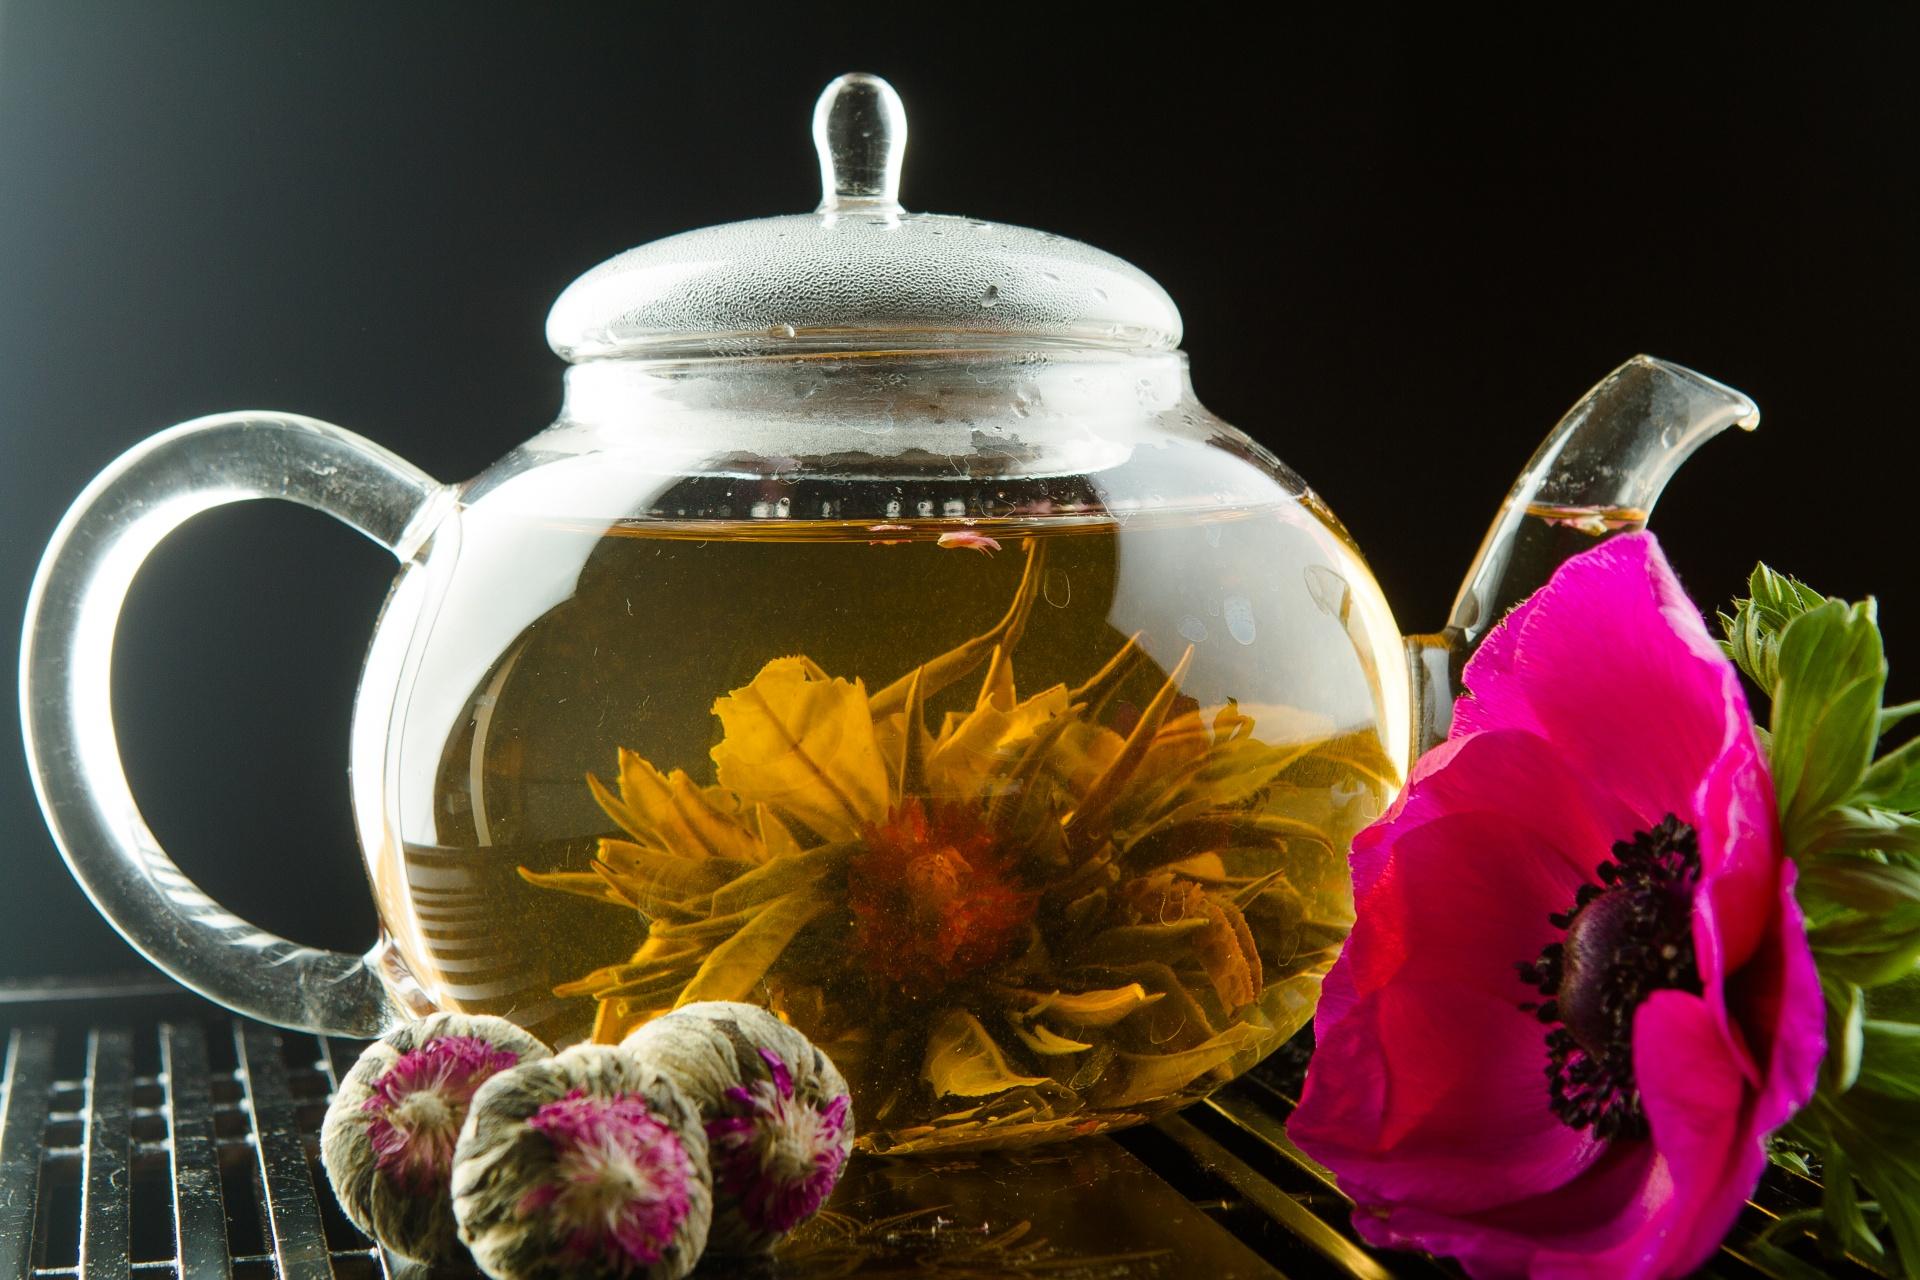 летне-осенние картинки зеленого чая в чайнике фотосалоны